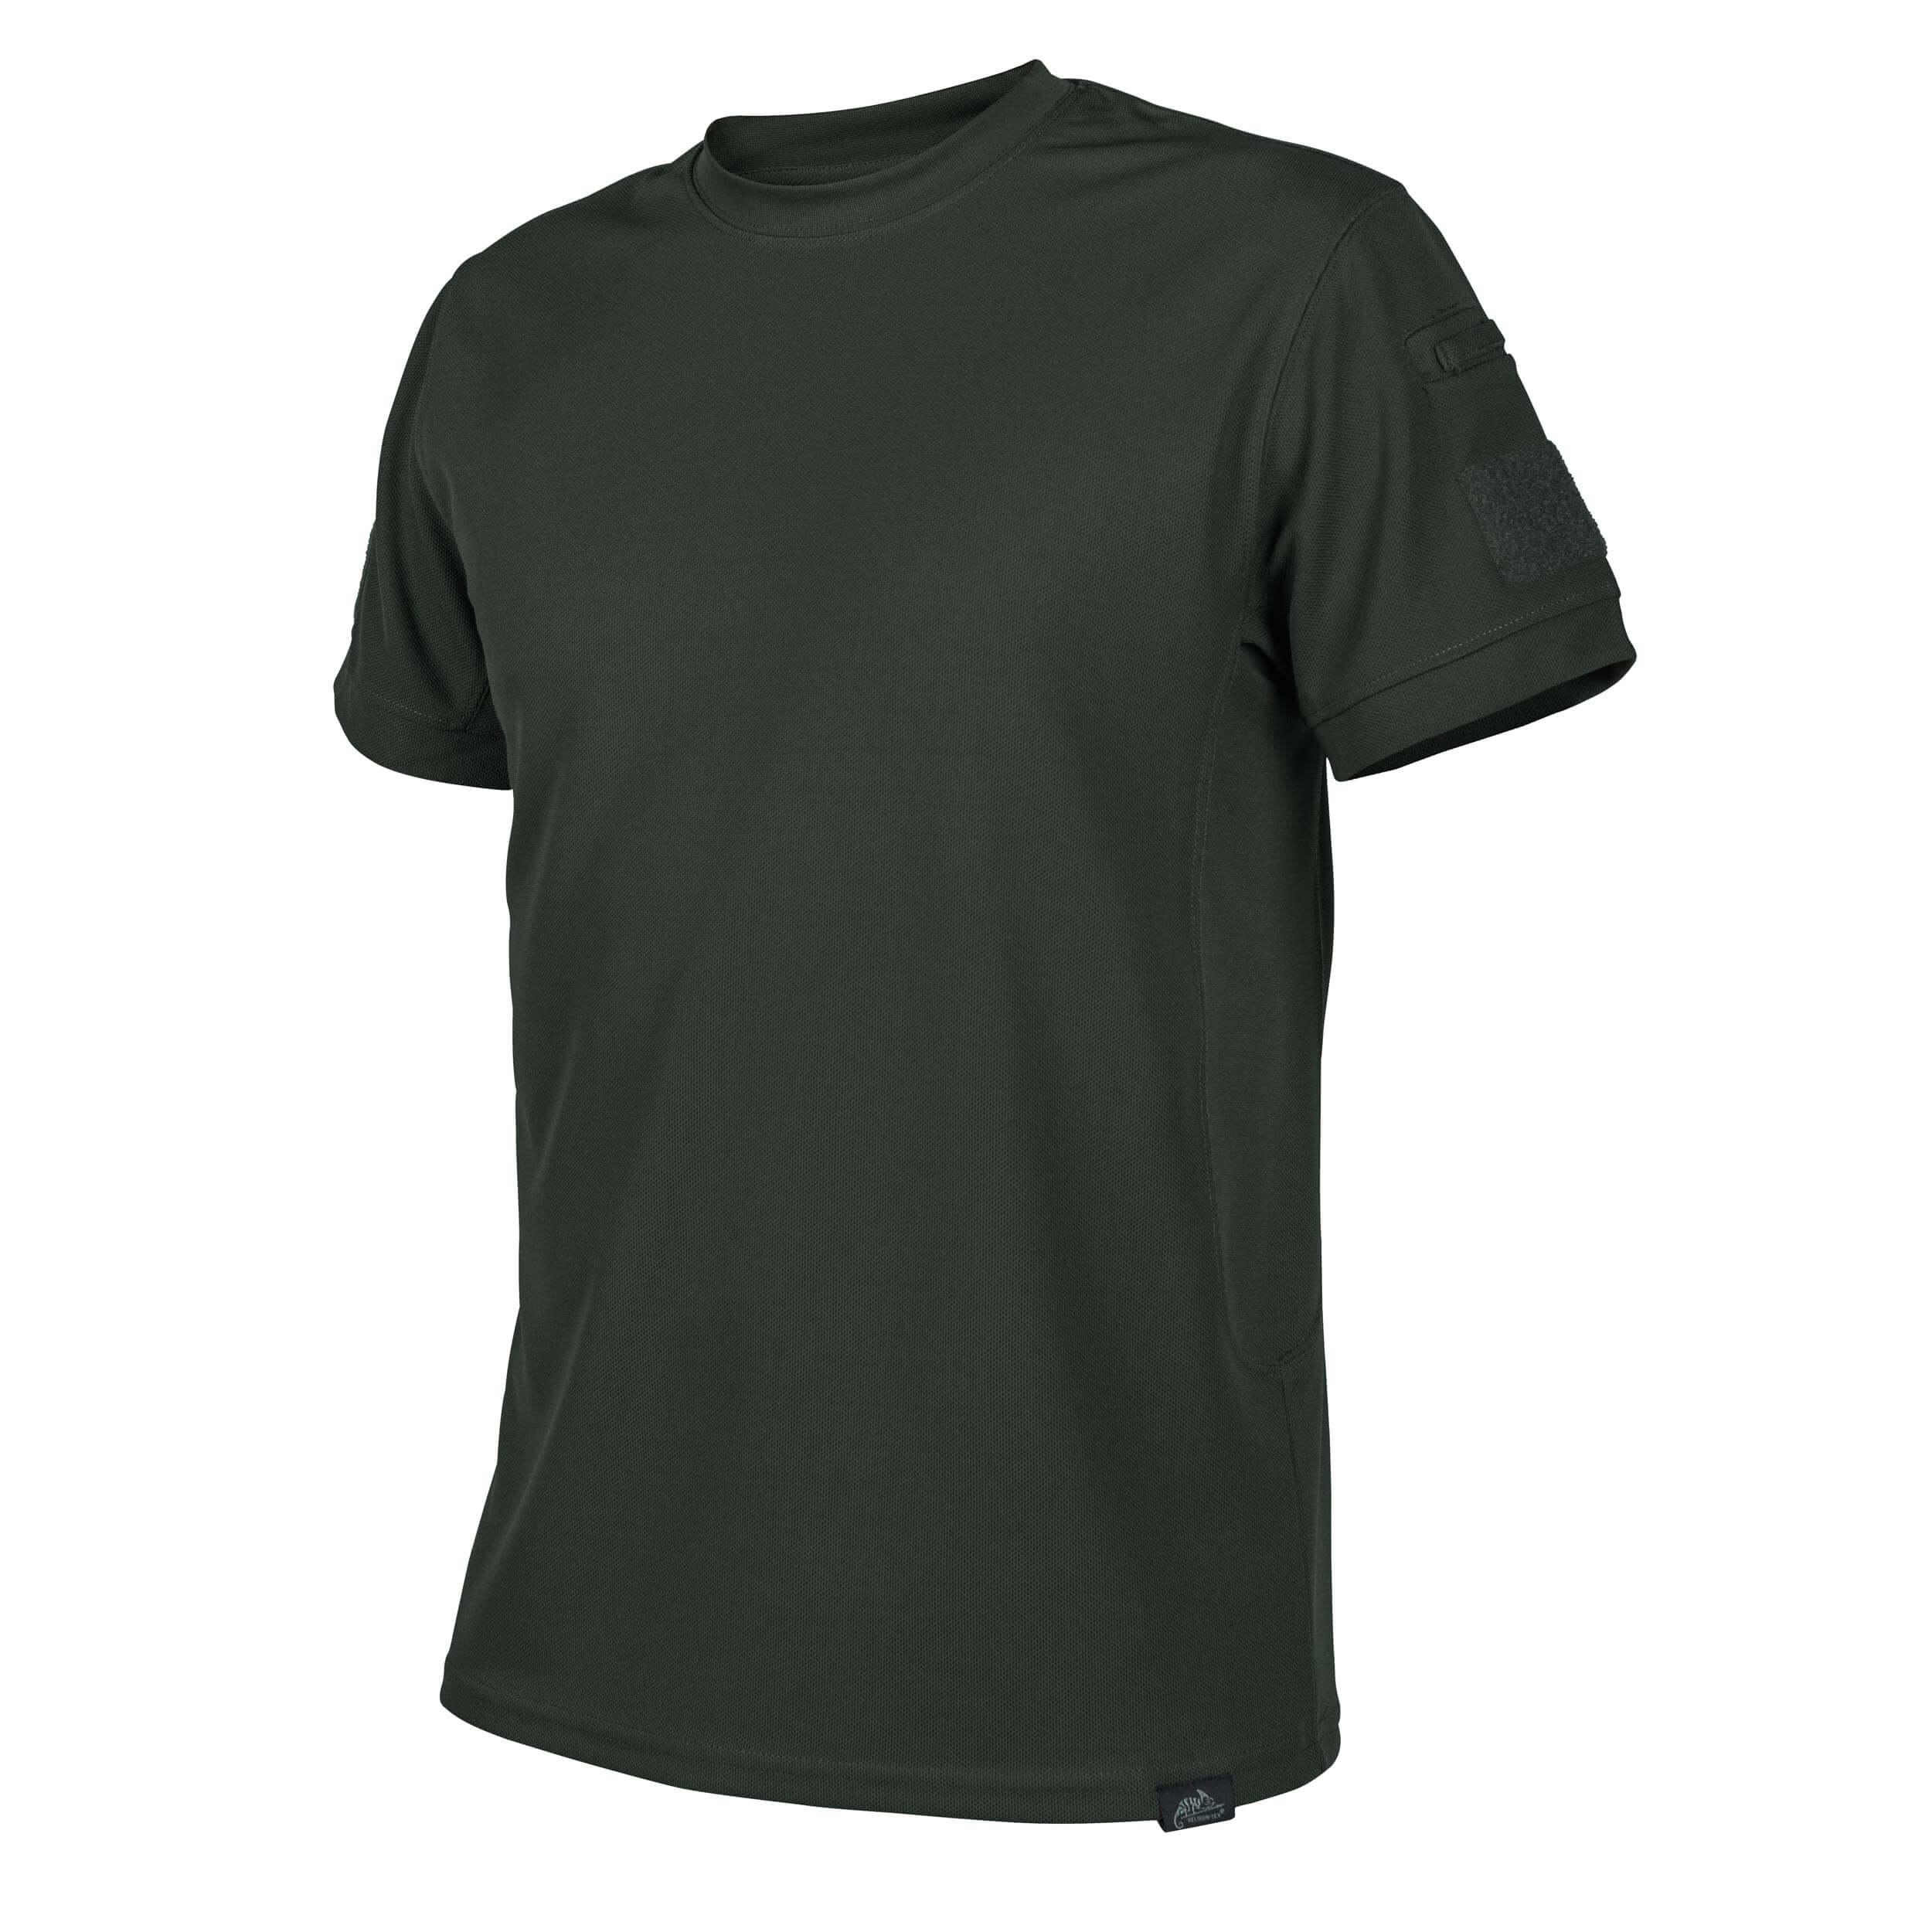 Helikon-Tex Tactical T-Shirt -Top Cool- Jungle Green